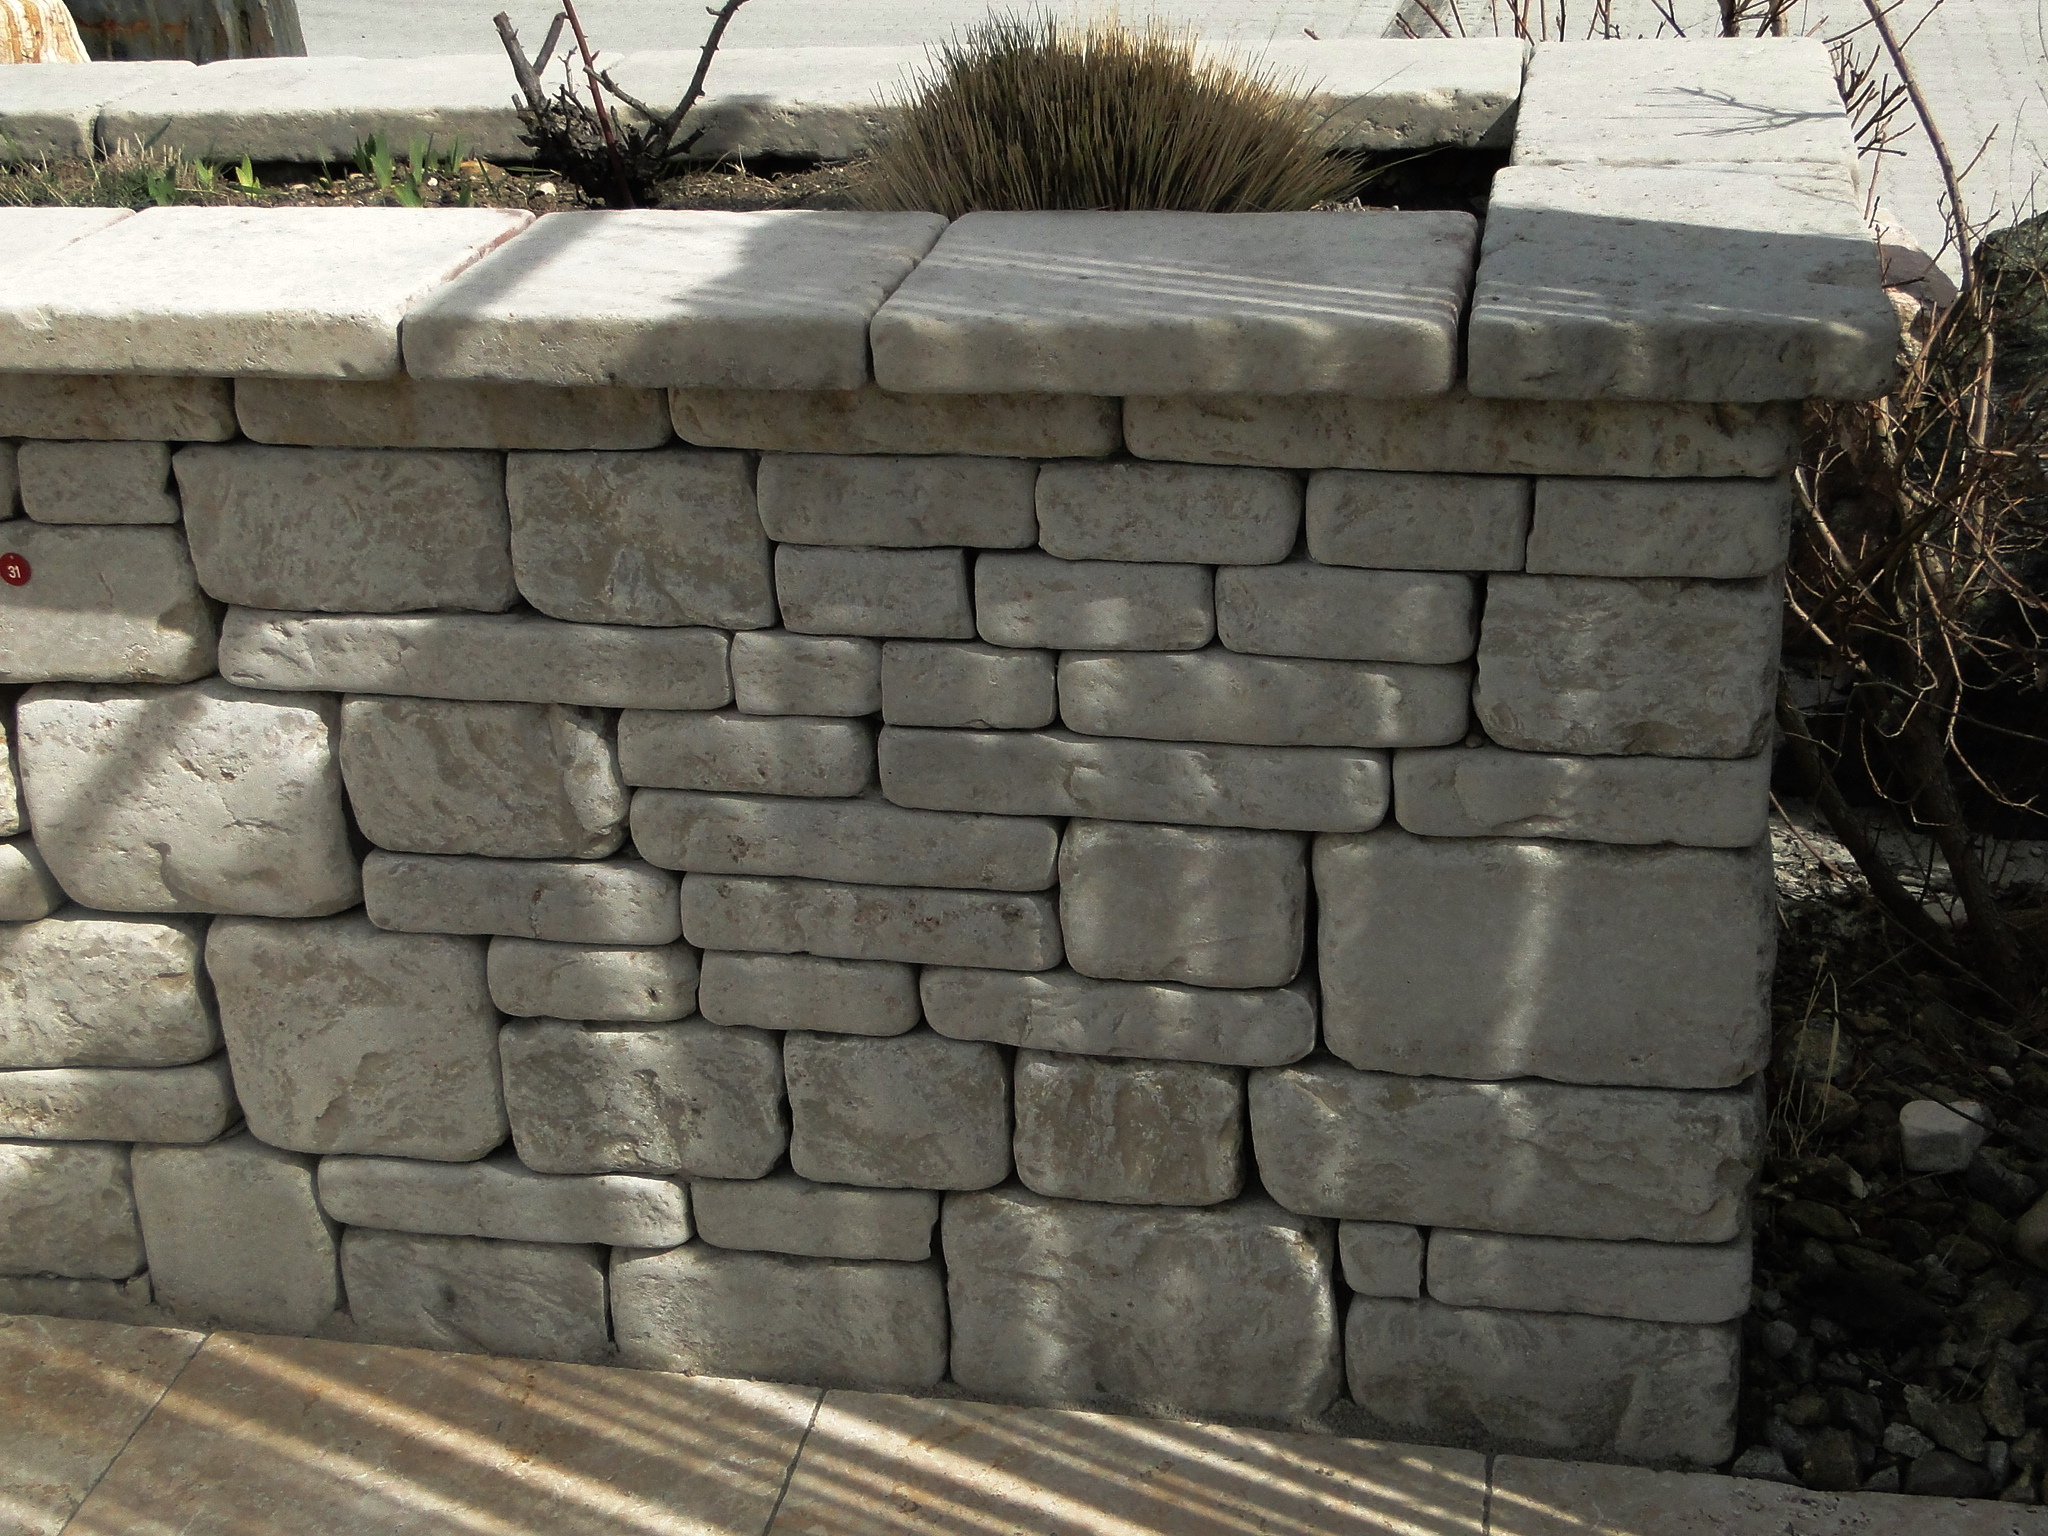 Kalksteinmauer mit gerundeten Kanten